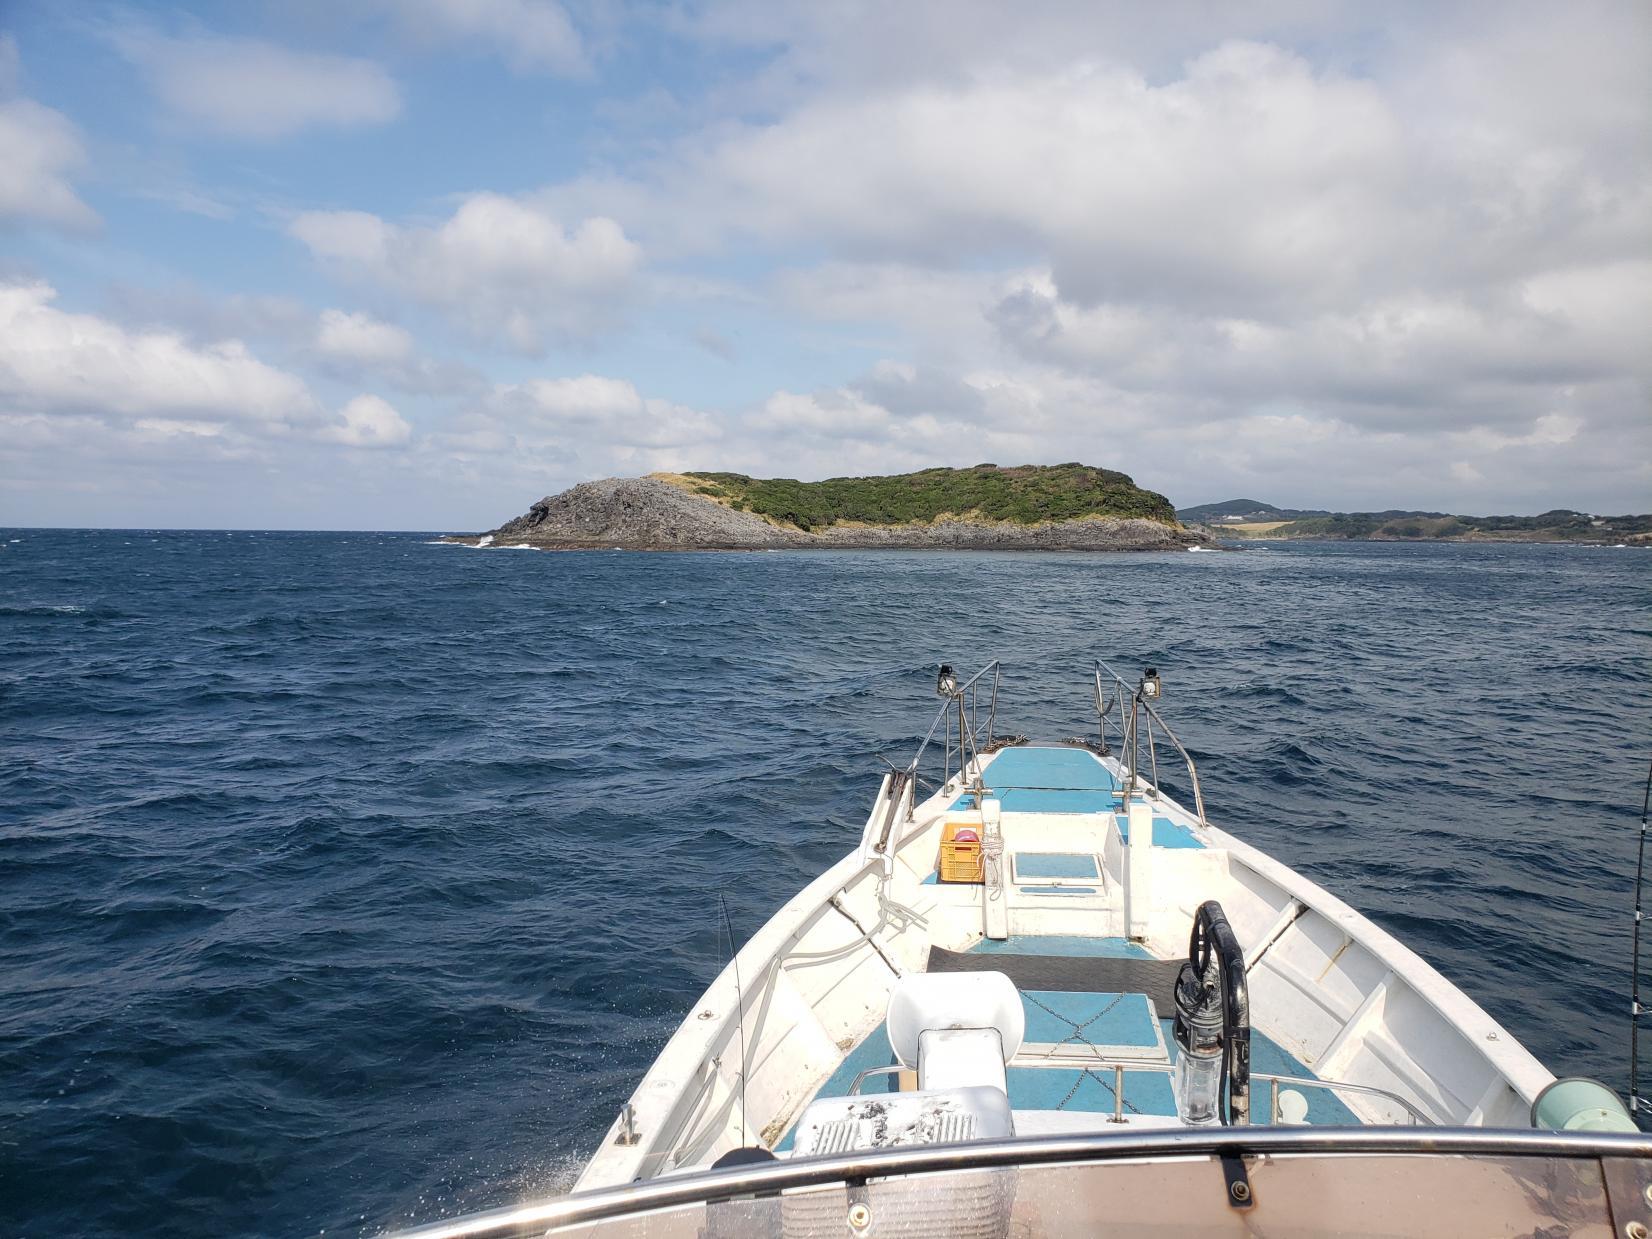 貸切りクルージングで島の絶景も楽しめる!-2